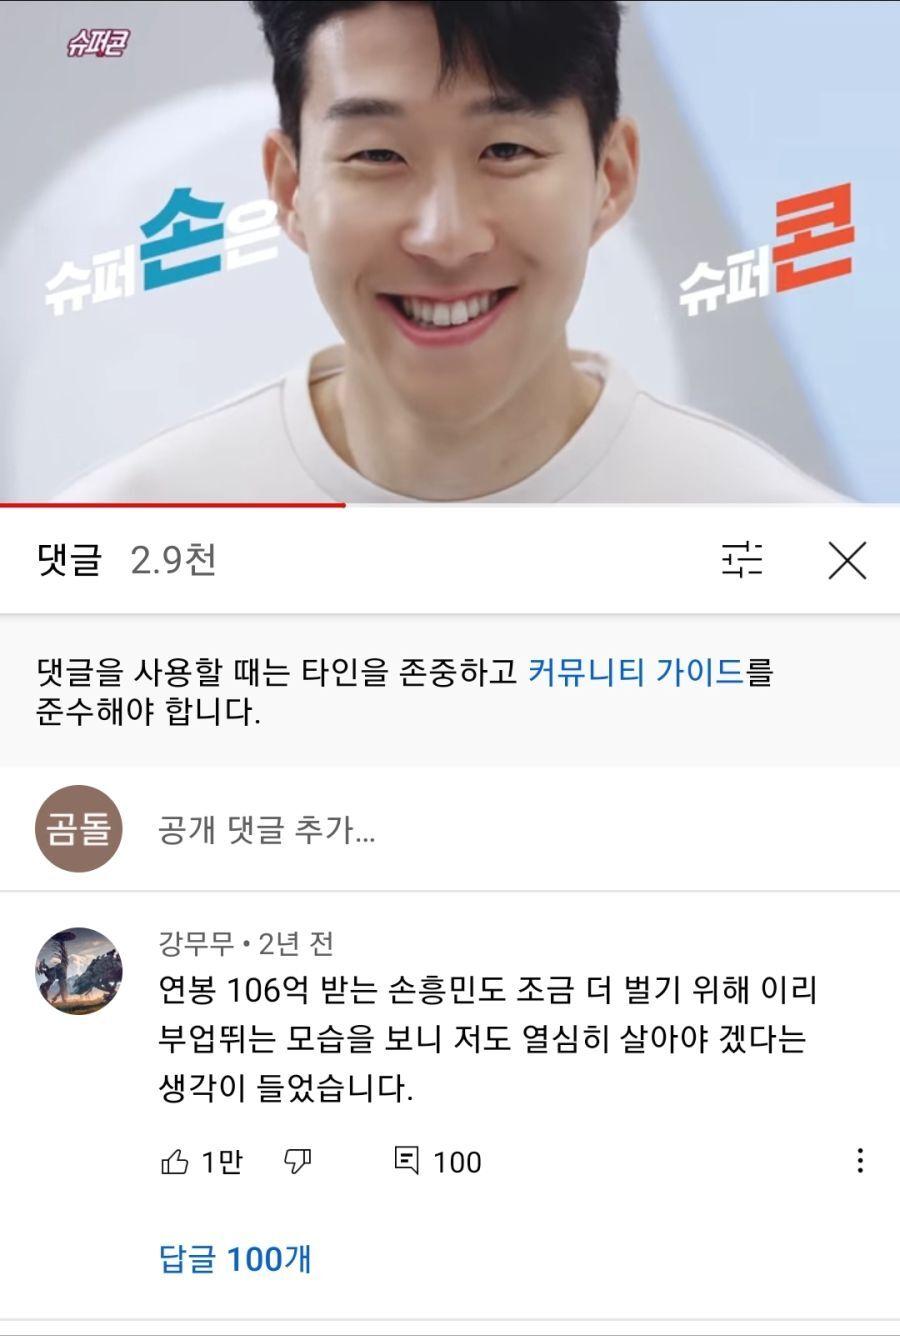 손흥민 슈퍼콘 광고 댓글